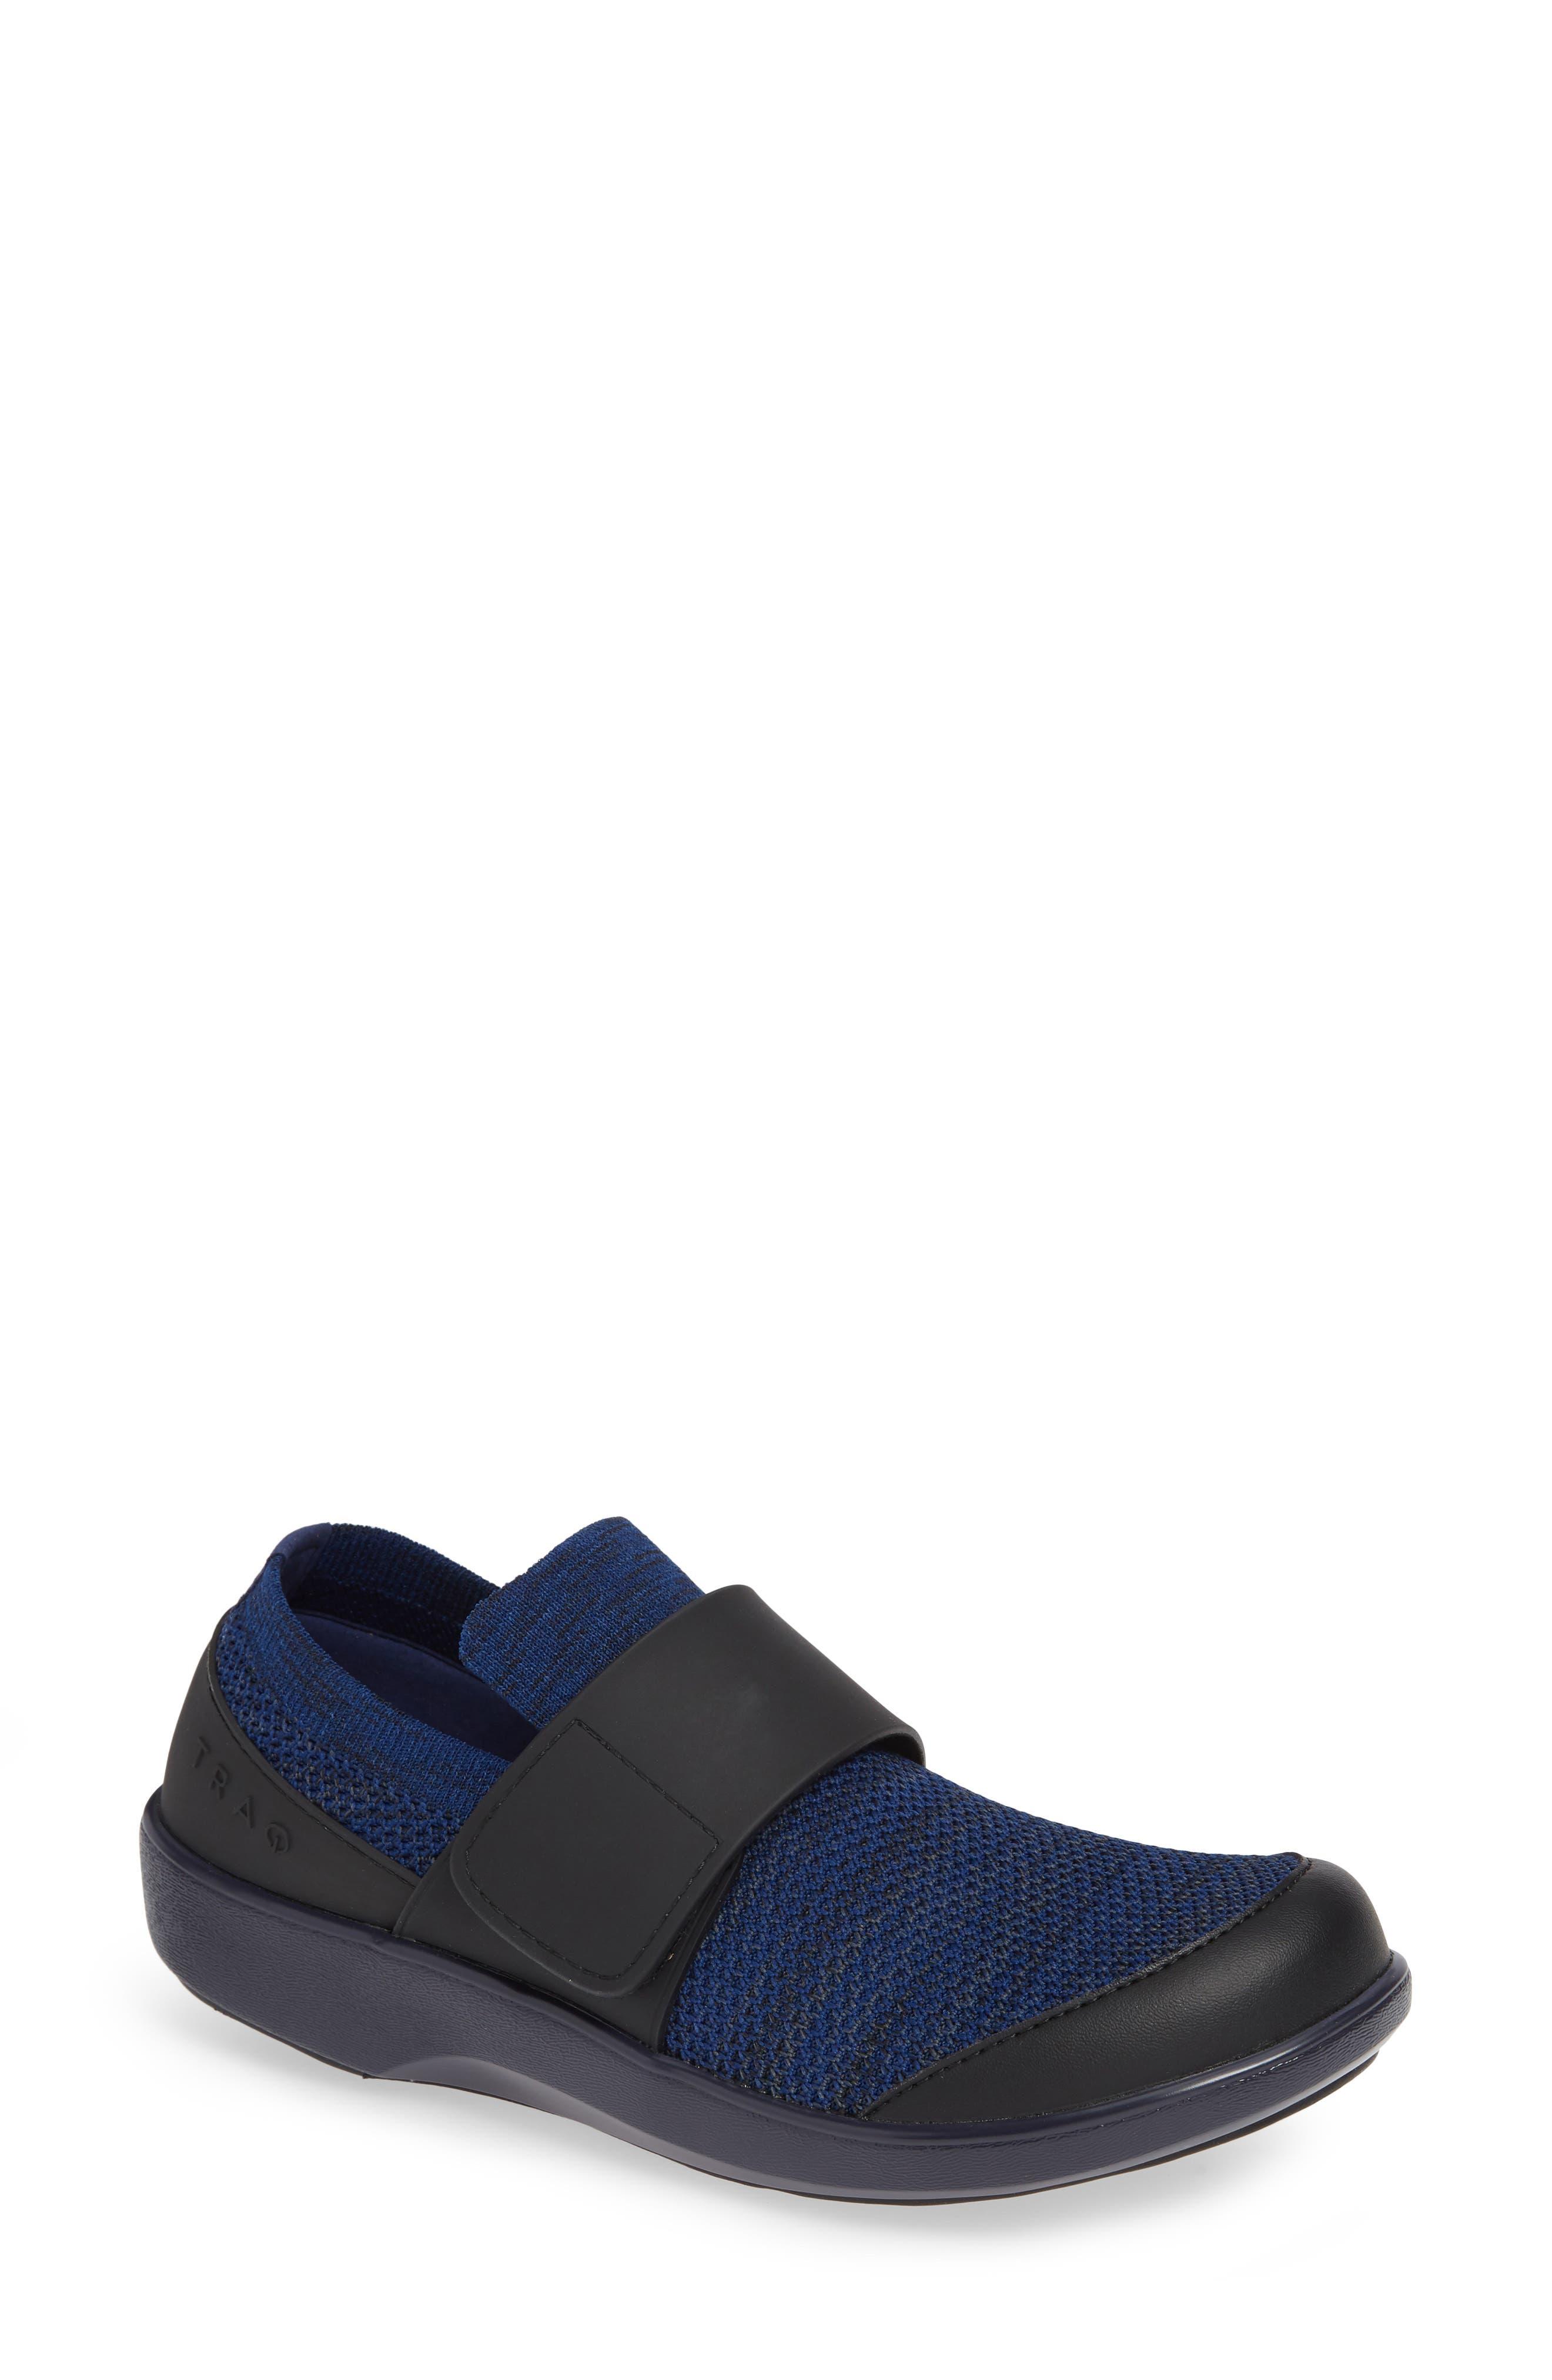 Alegria Qwik Sneaker, Blue